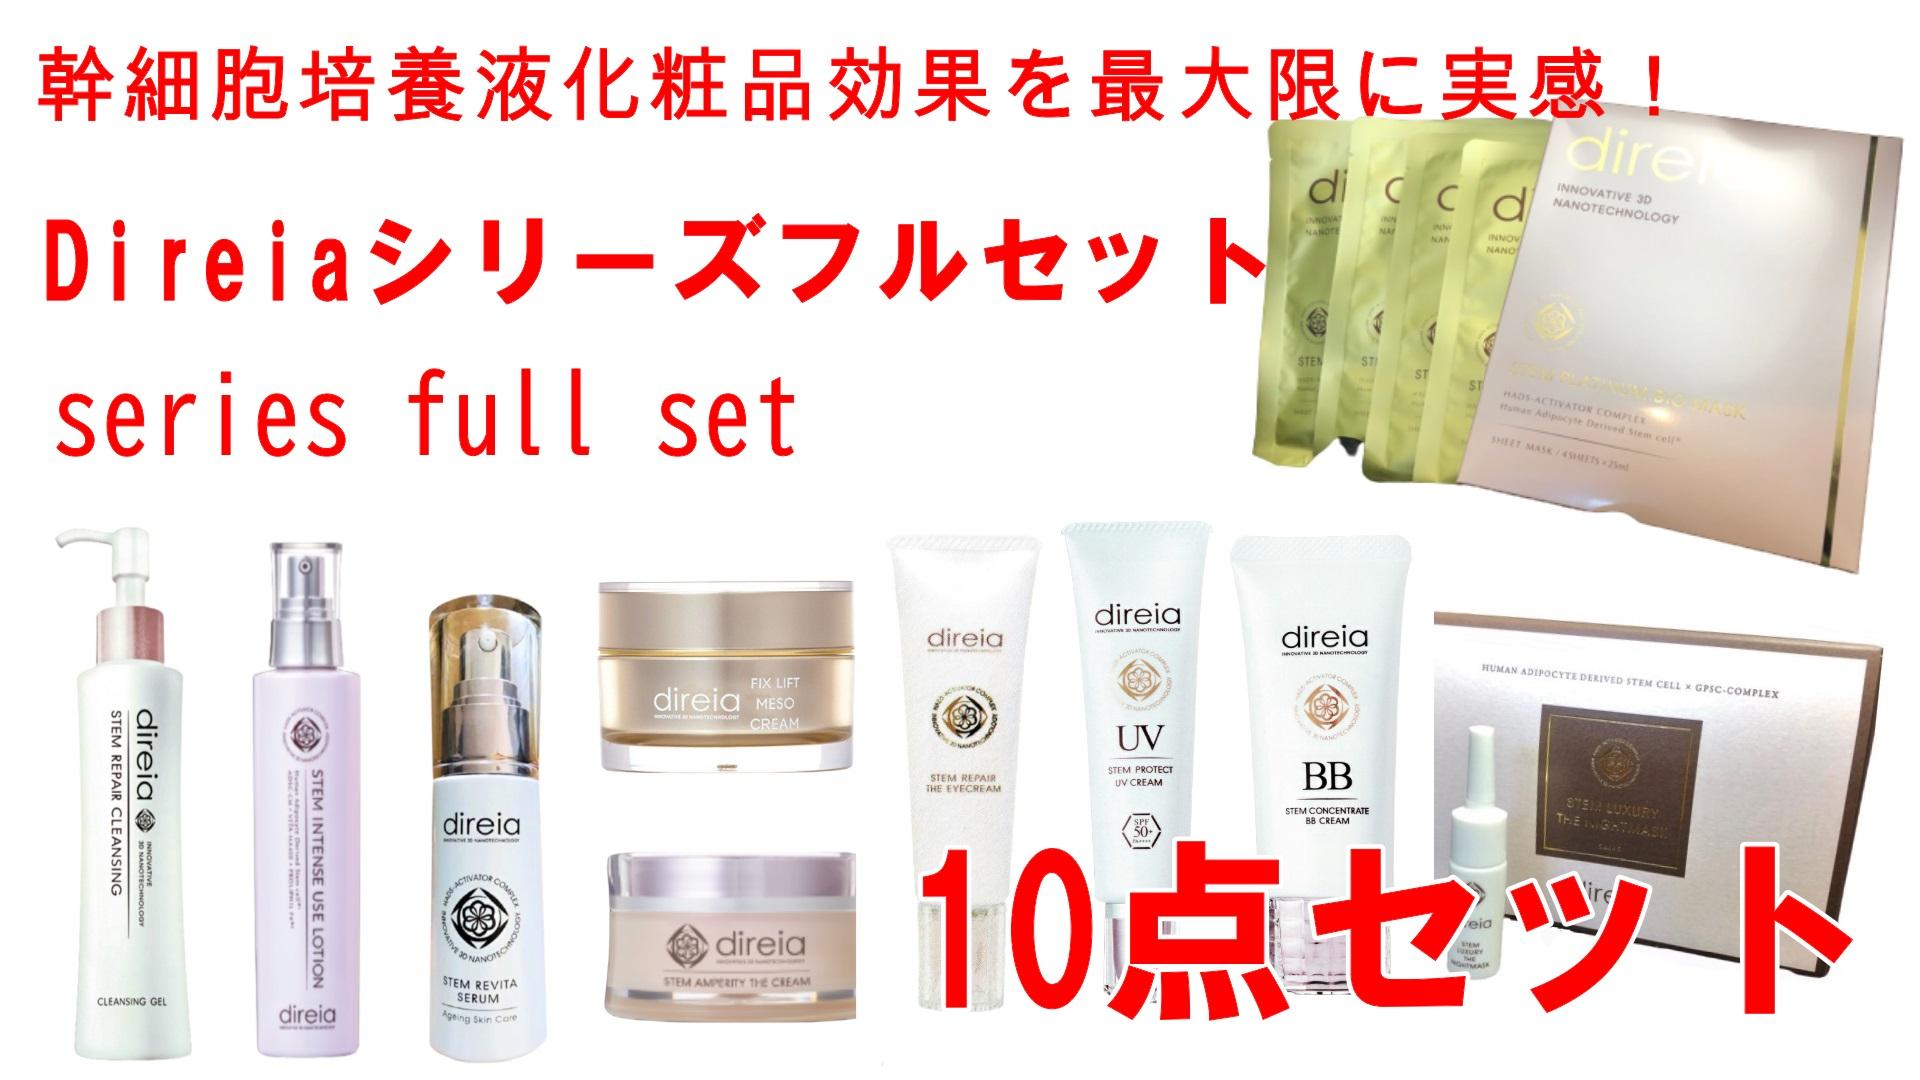 幹細胞培養液化粧品のパイオニア☆Direia 最大30%オフキャンペーン実施中